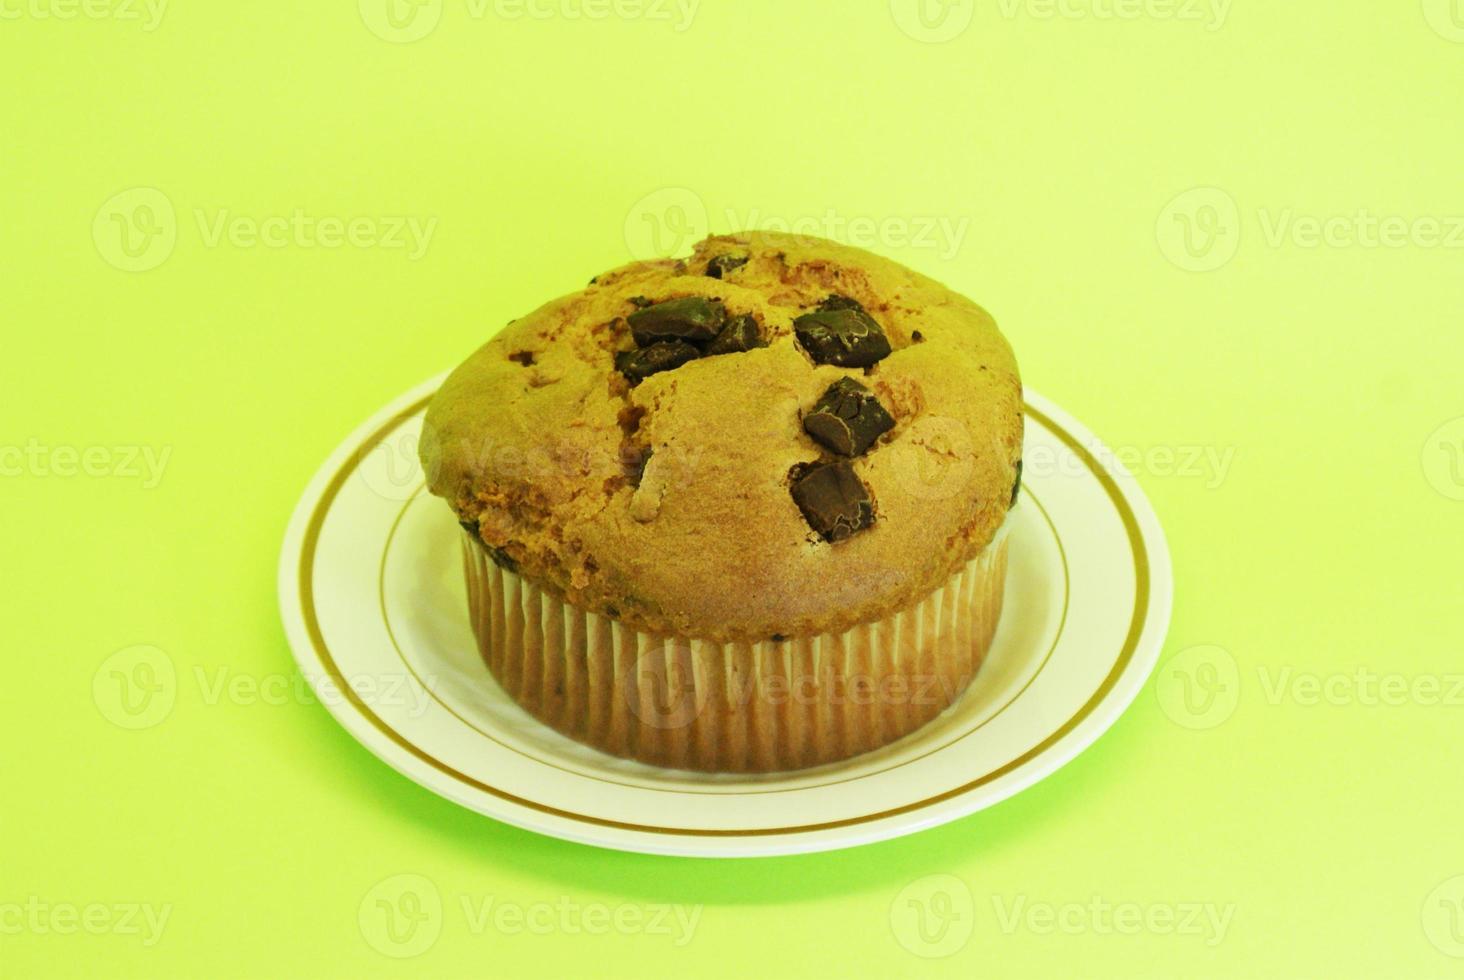 Muffin mit Schokoladenzentren foto